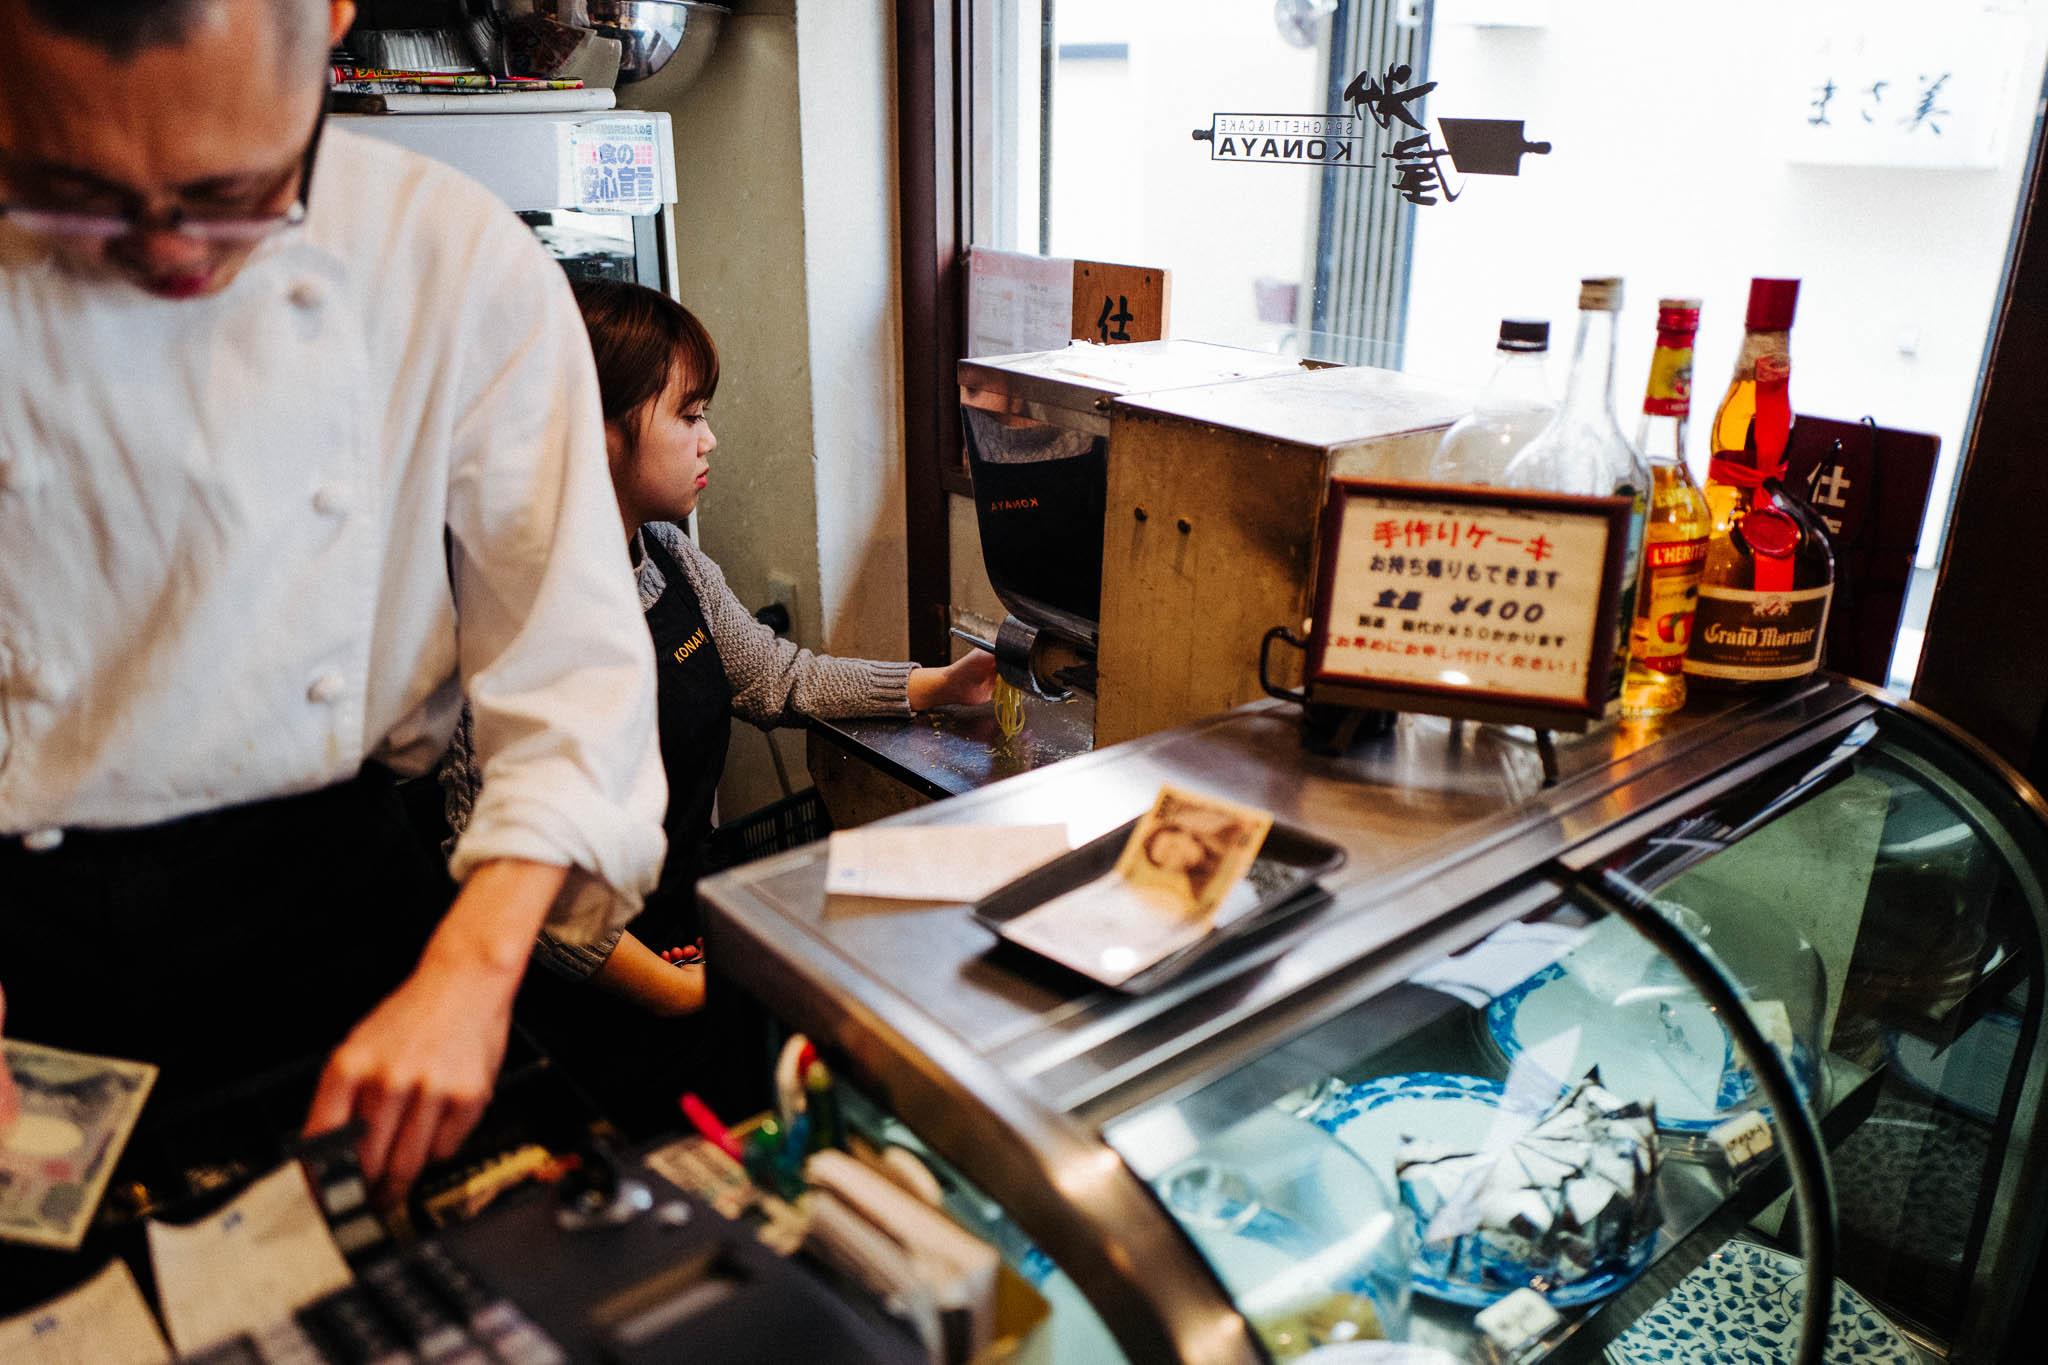 konaya-pasta-cake-nishijin-fukuoka